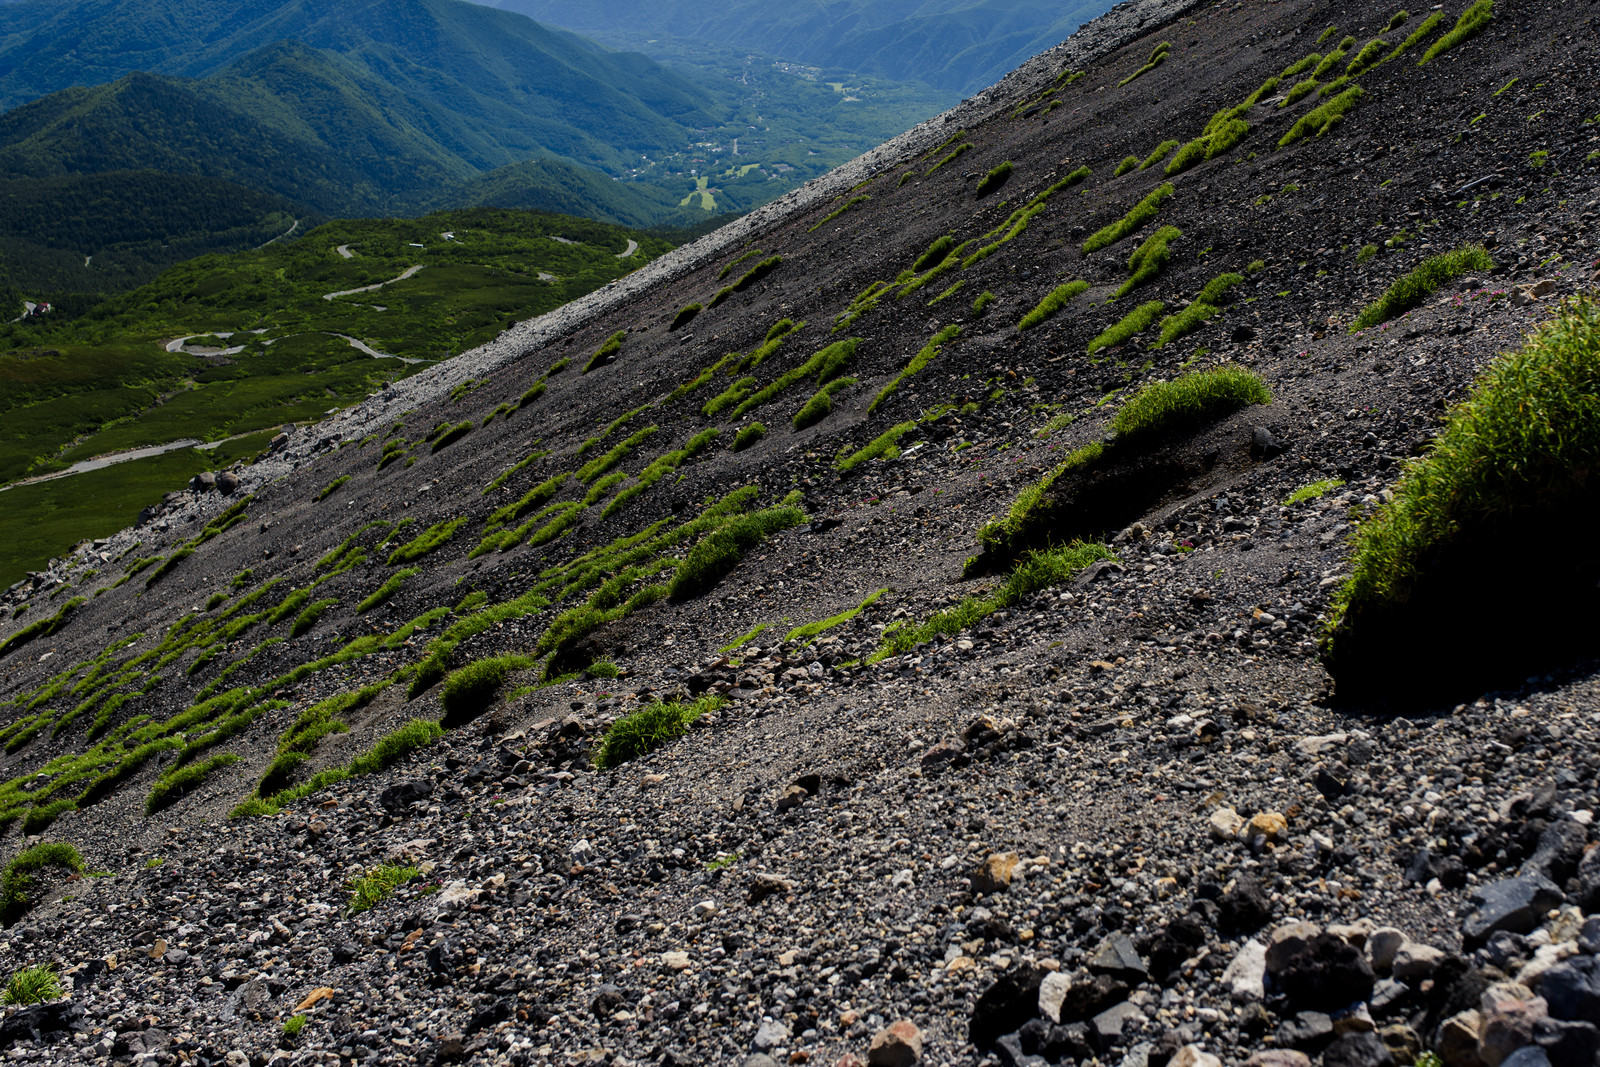 「高山植物も少ない乗鞍岳の斜面」の写真